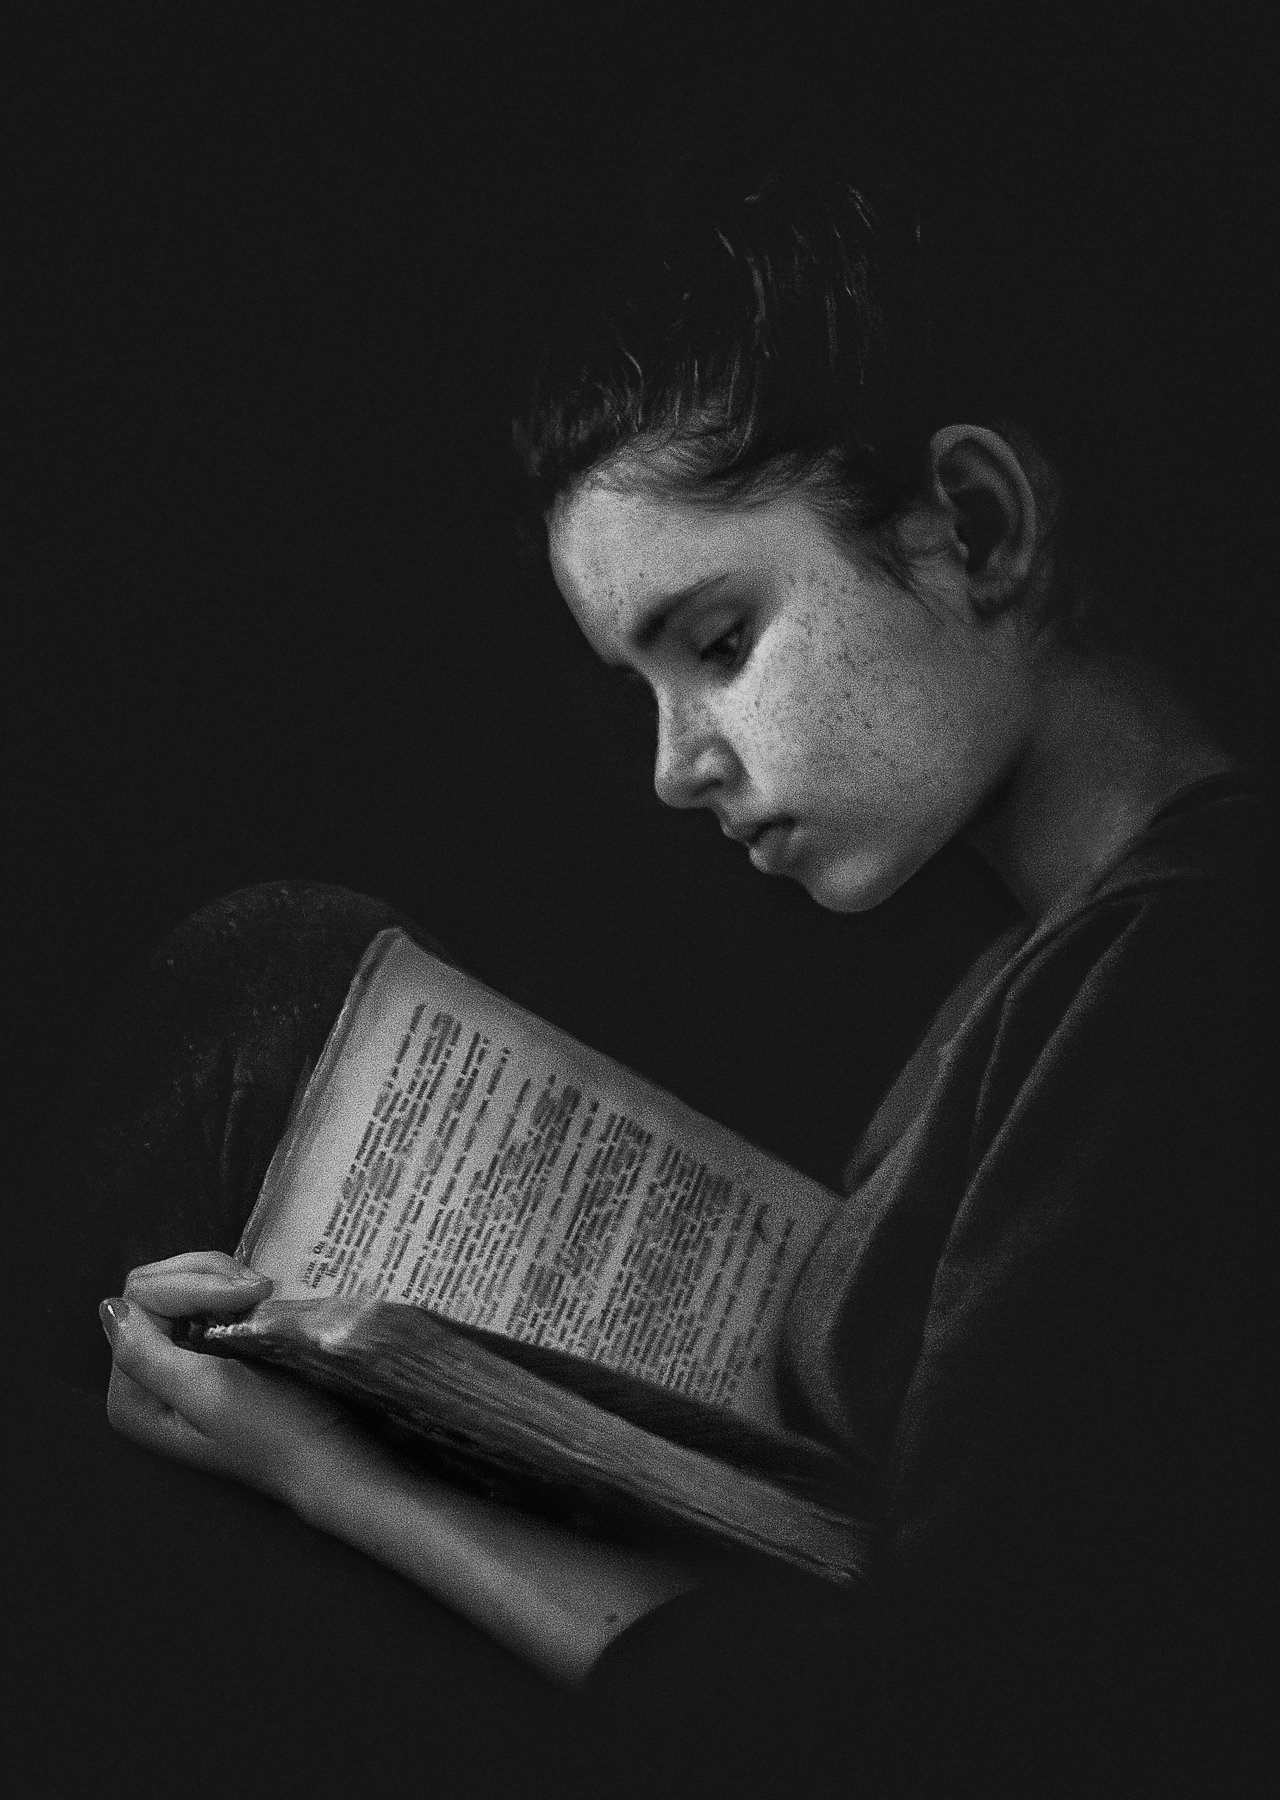 чернобелое фото, девушка, чтение, книга, Мария Братан